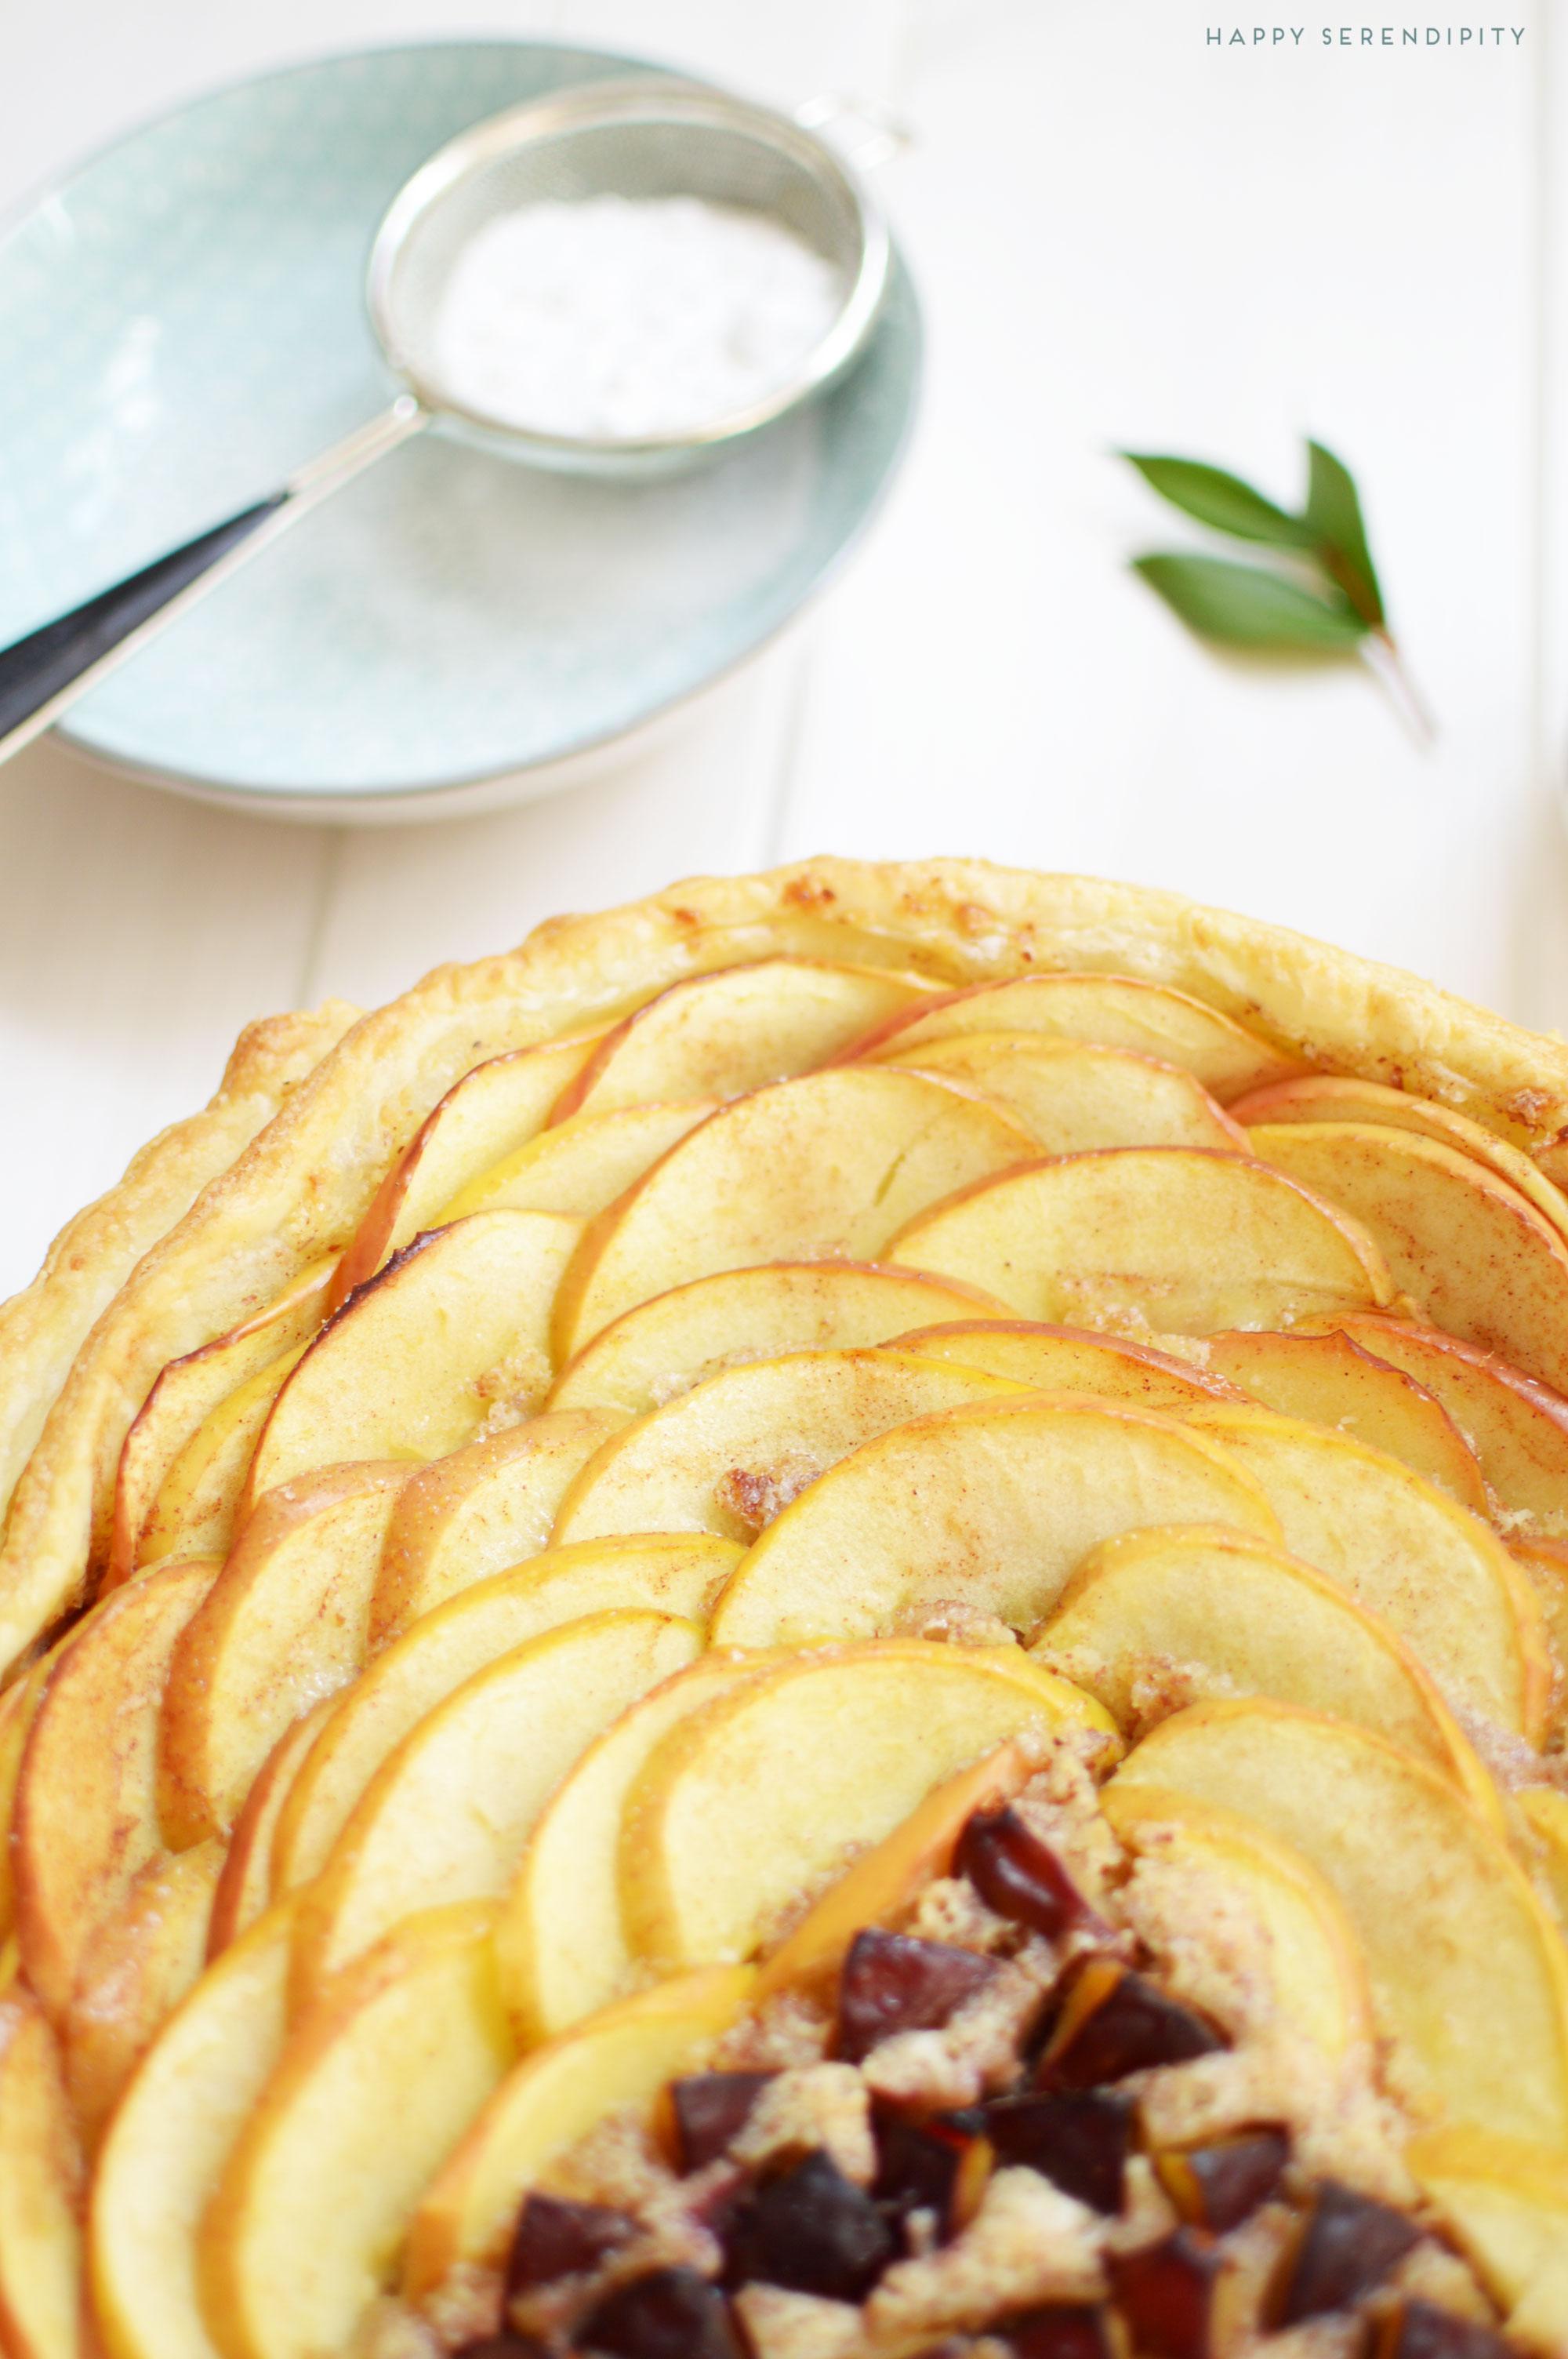 warme herbst tarte, tarte mit aepfel und pflaumen, rezept von happy serendipity